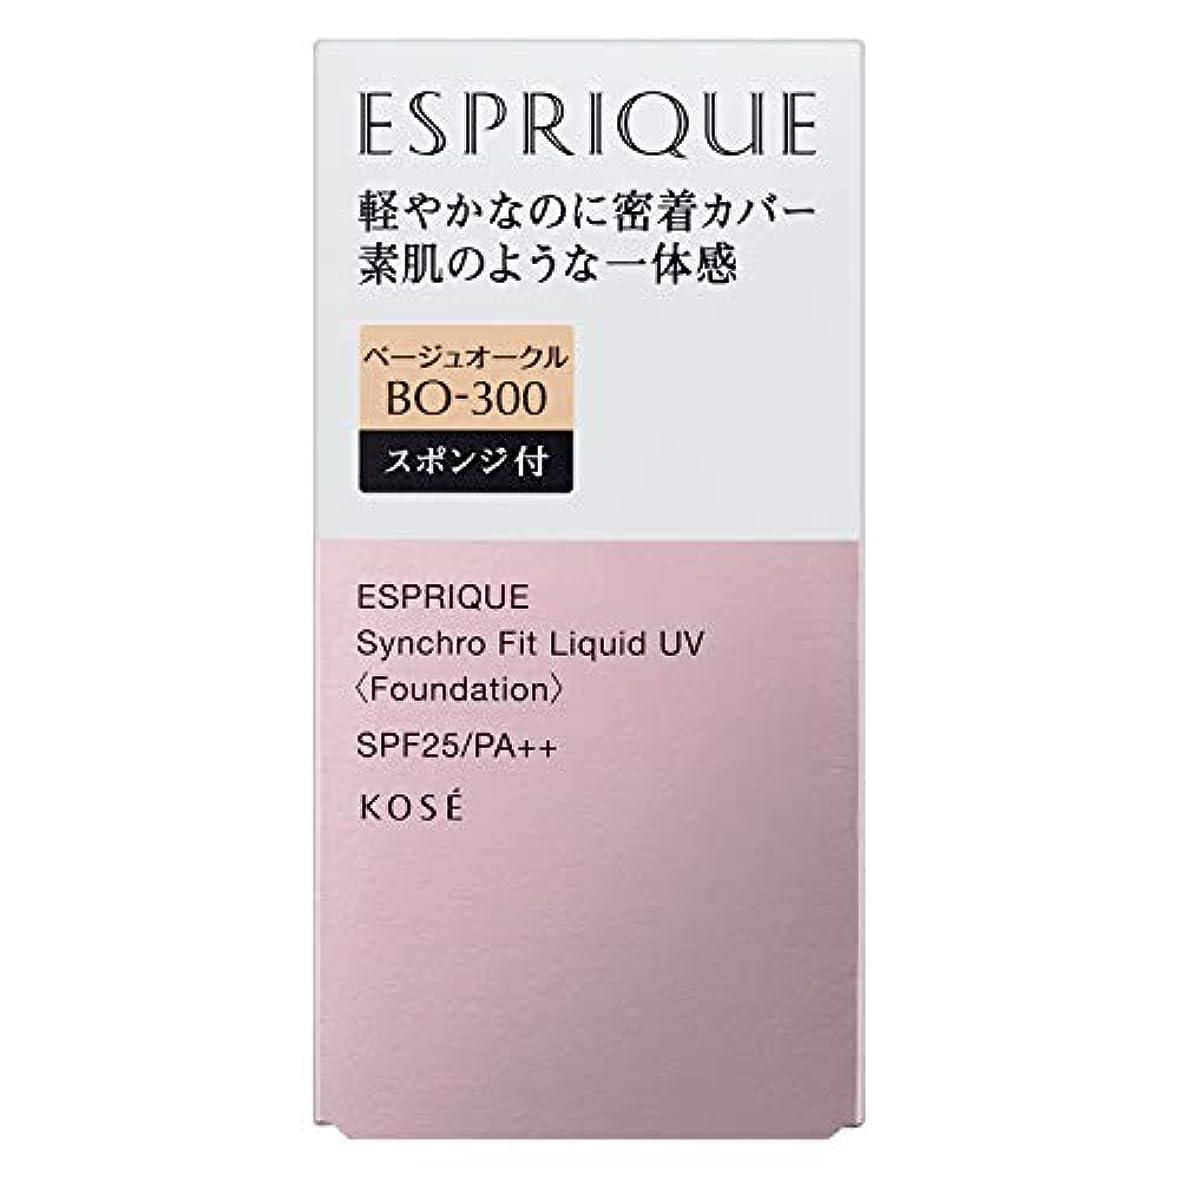 インサートうまれた主張ESPRIQUE(エスプリーク) エスプリーク シンクロフィット リキッド UV ファンデーション 無香料 BO-300 ベージュオークル 30g